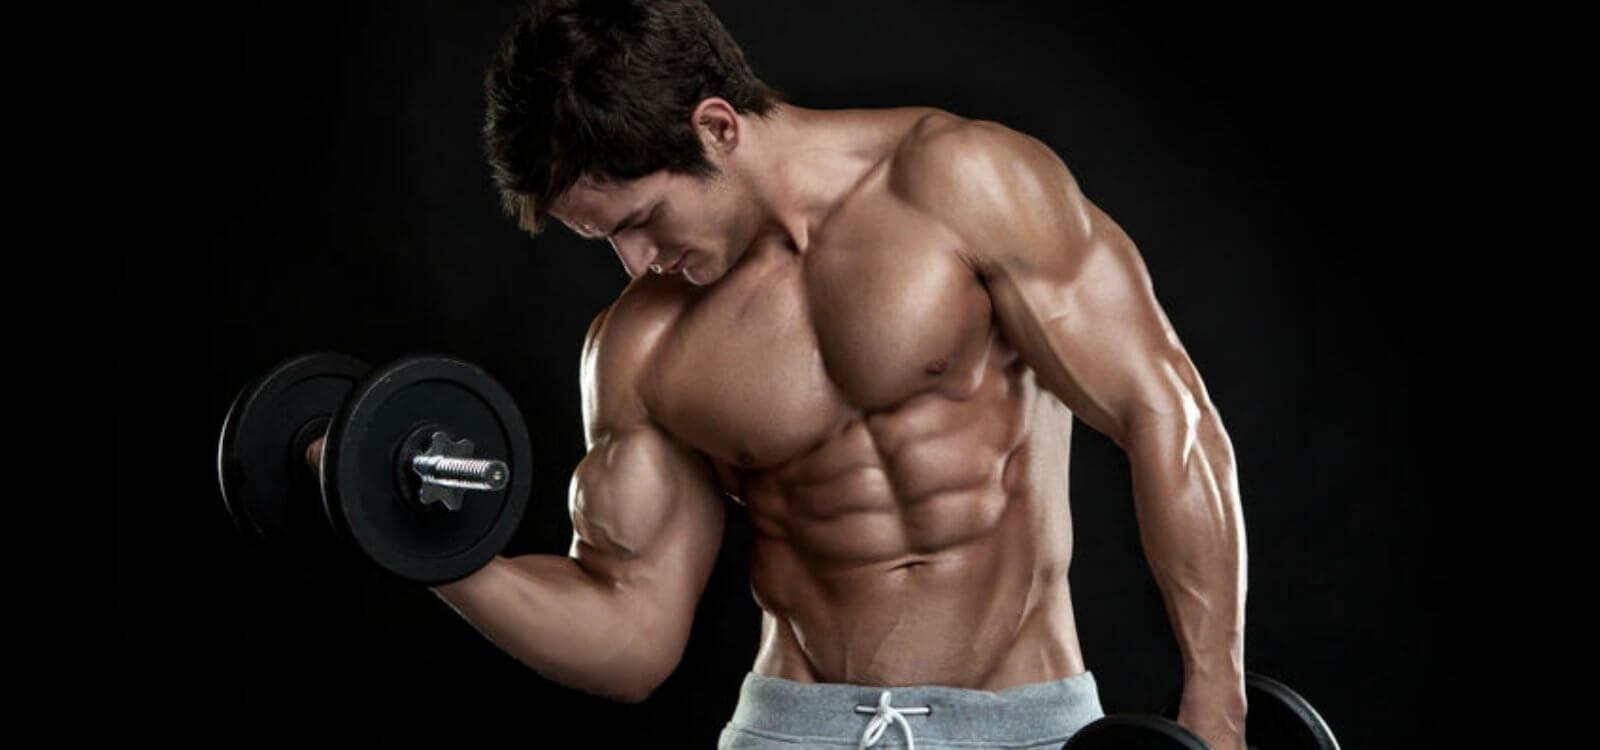 بناء العضلات يحمي الرجال من أمراض القلب والسكتات الدماغية